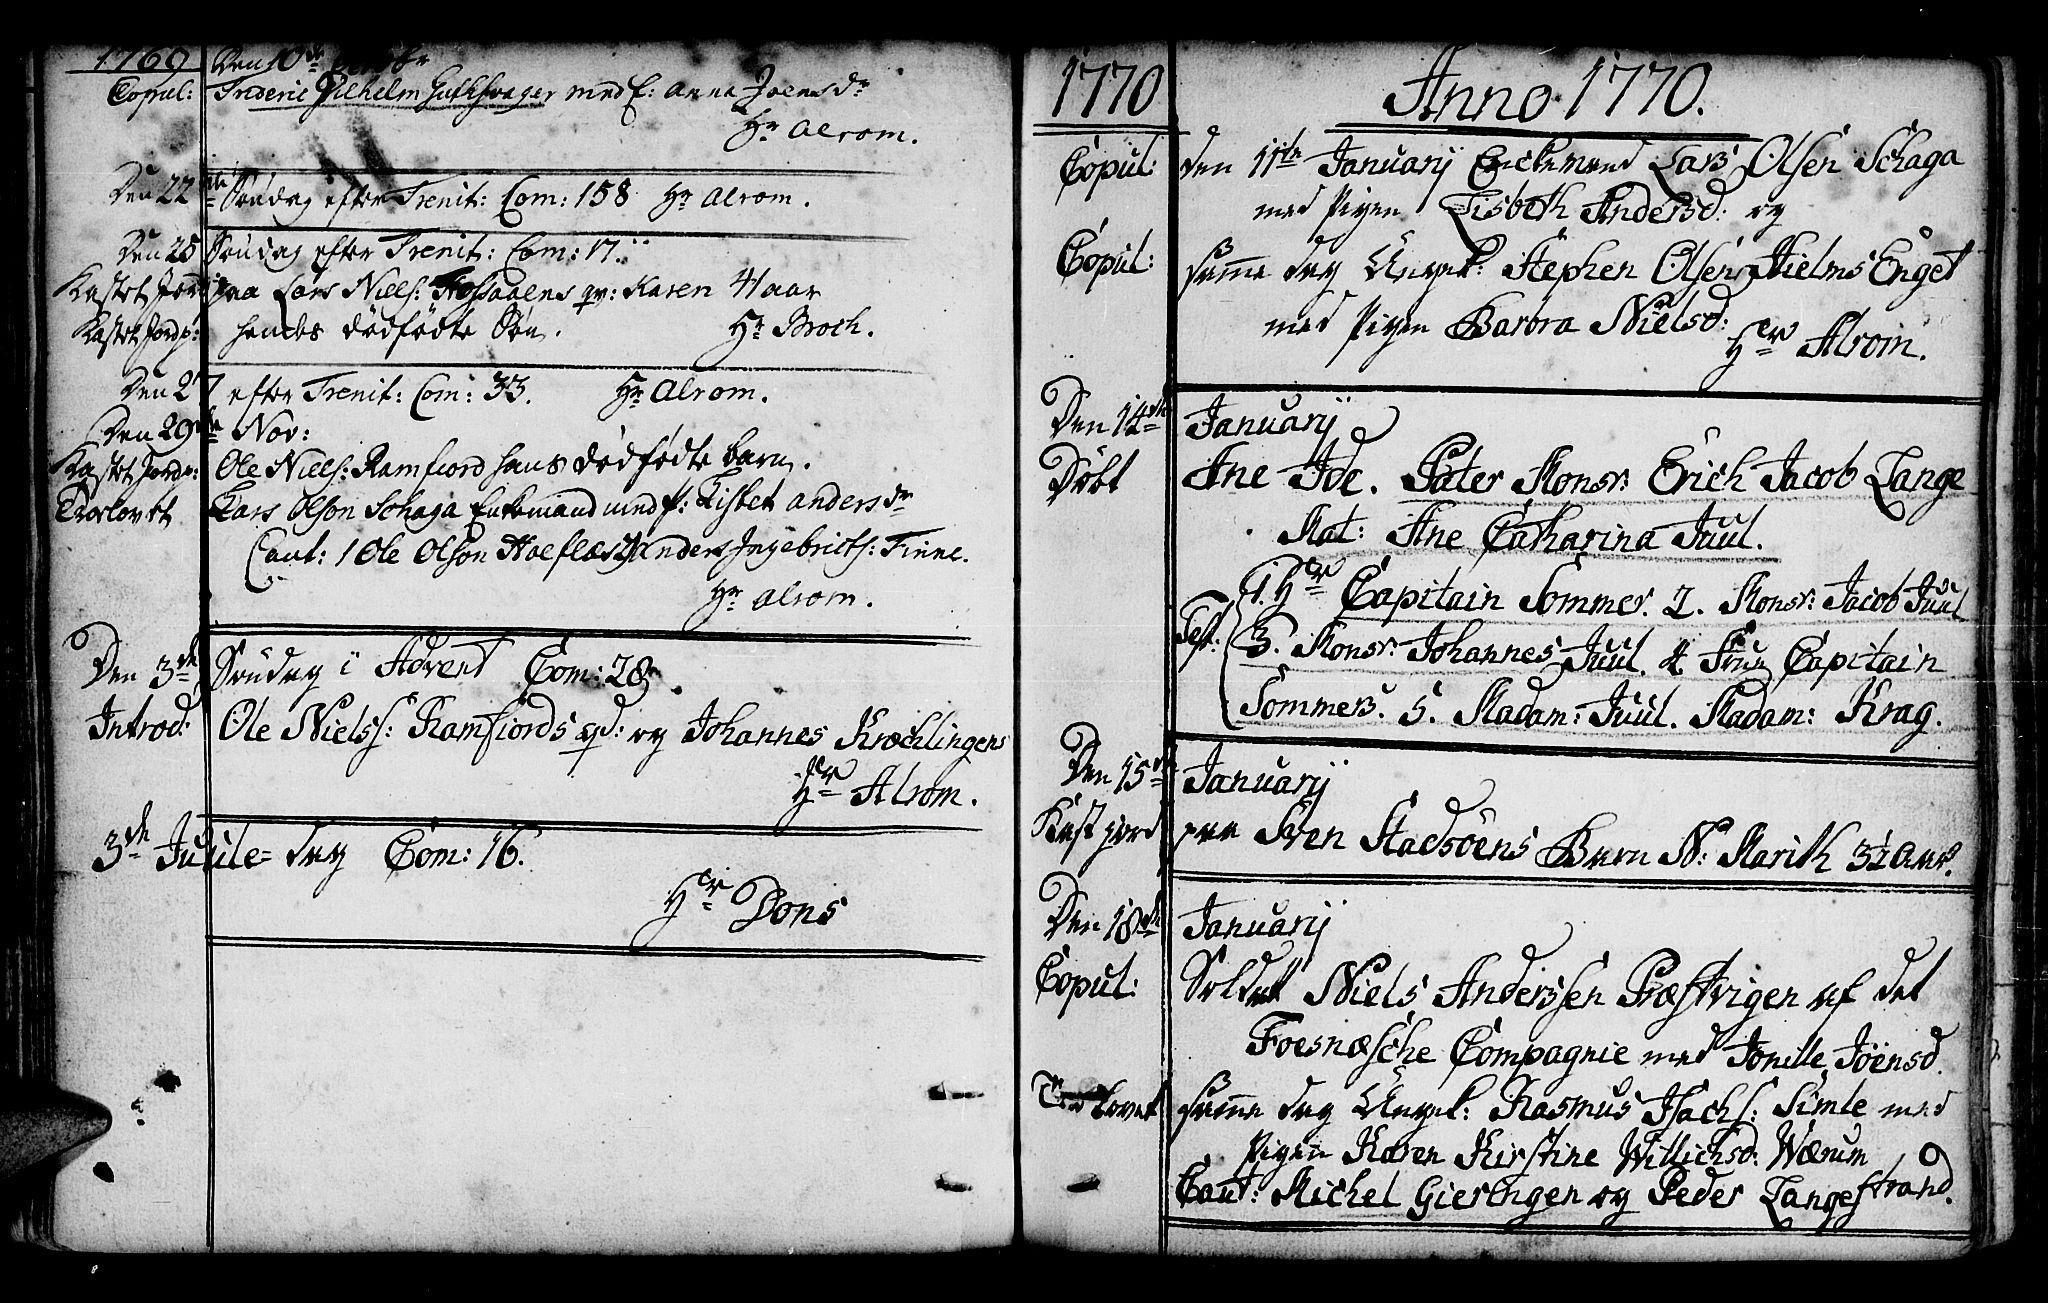 SAT, Ministerialprotokoller, klokkerbøker og fødselsregistre - Nord-Trøndelag, 780/L0632: Parish register (official) no. 780A01, 1736-1786